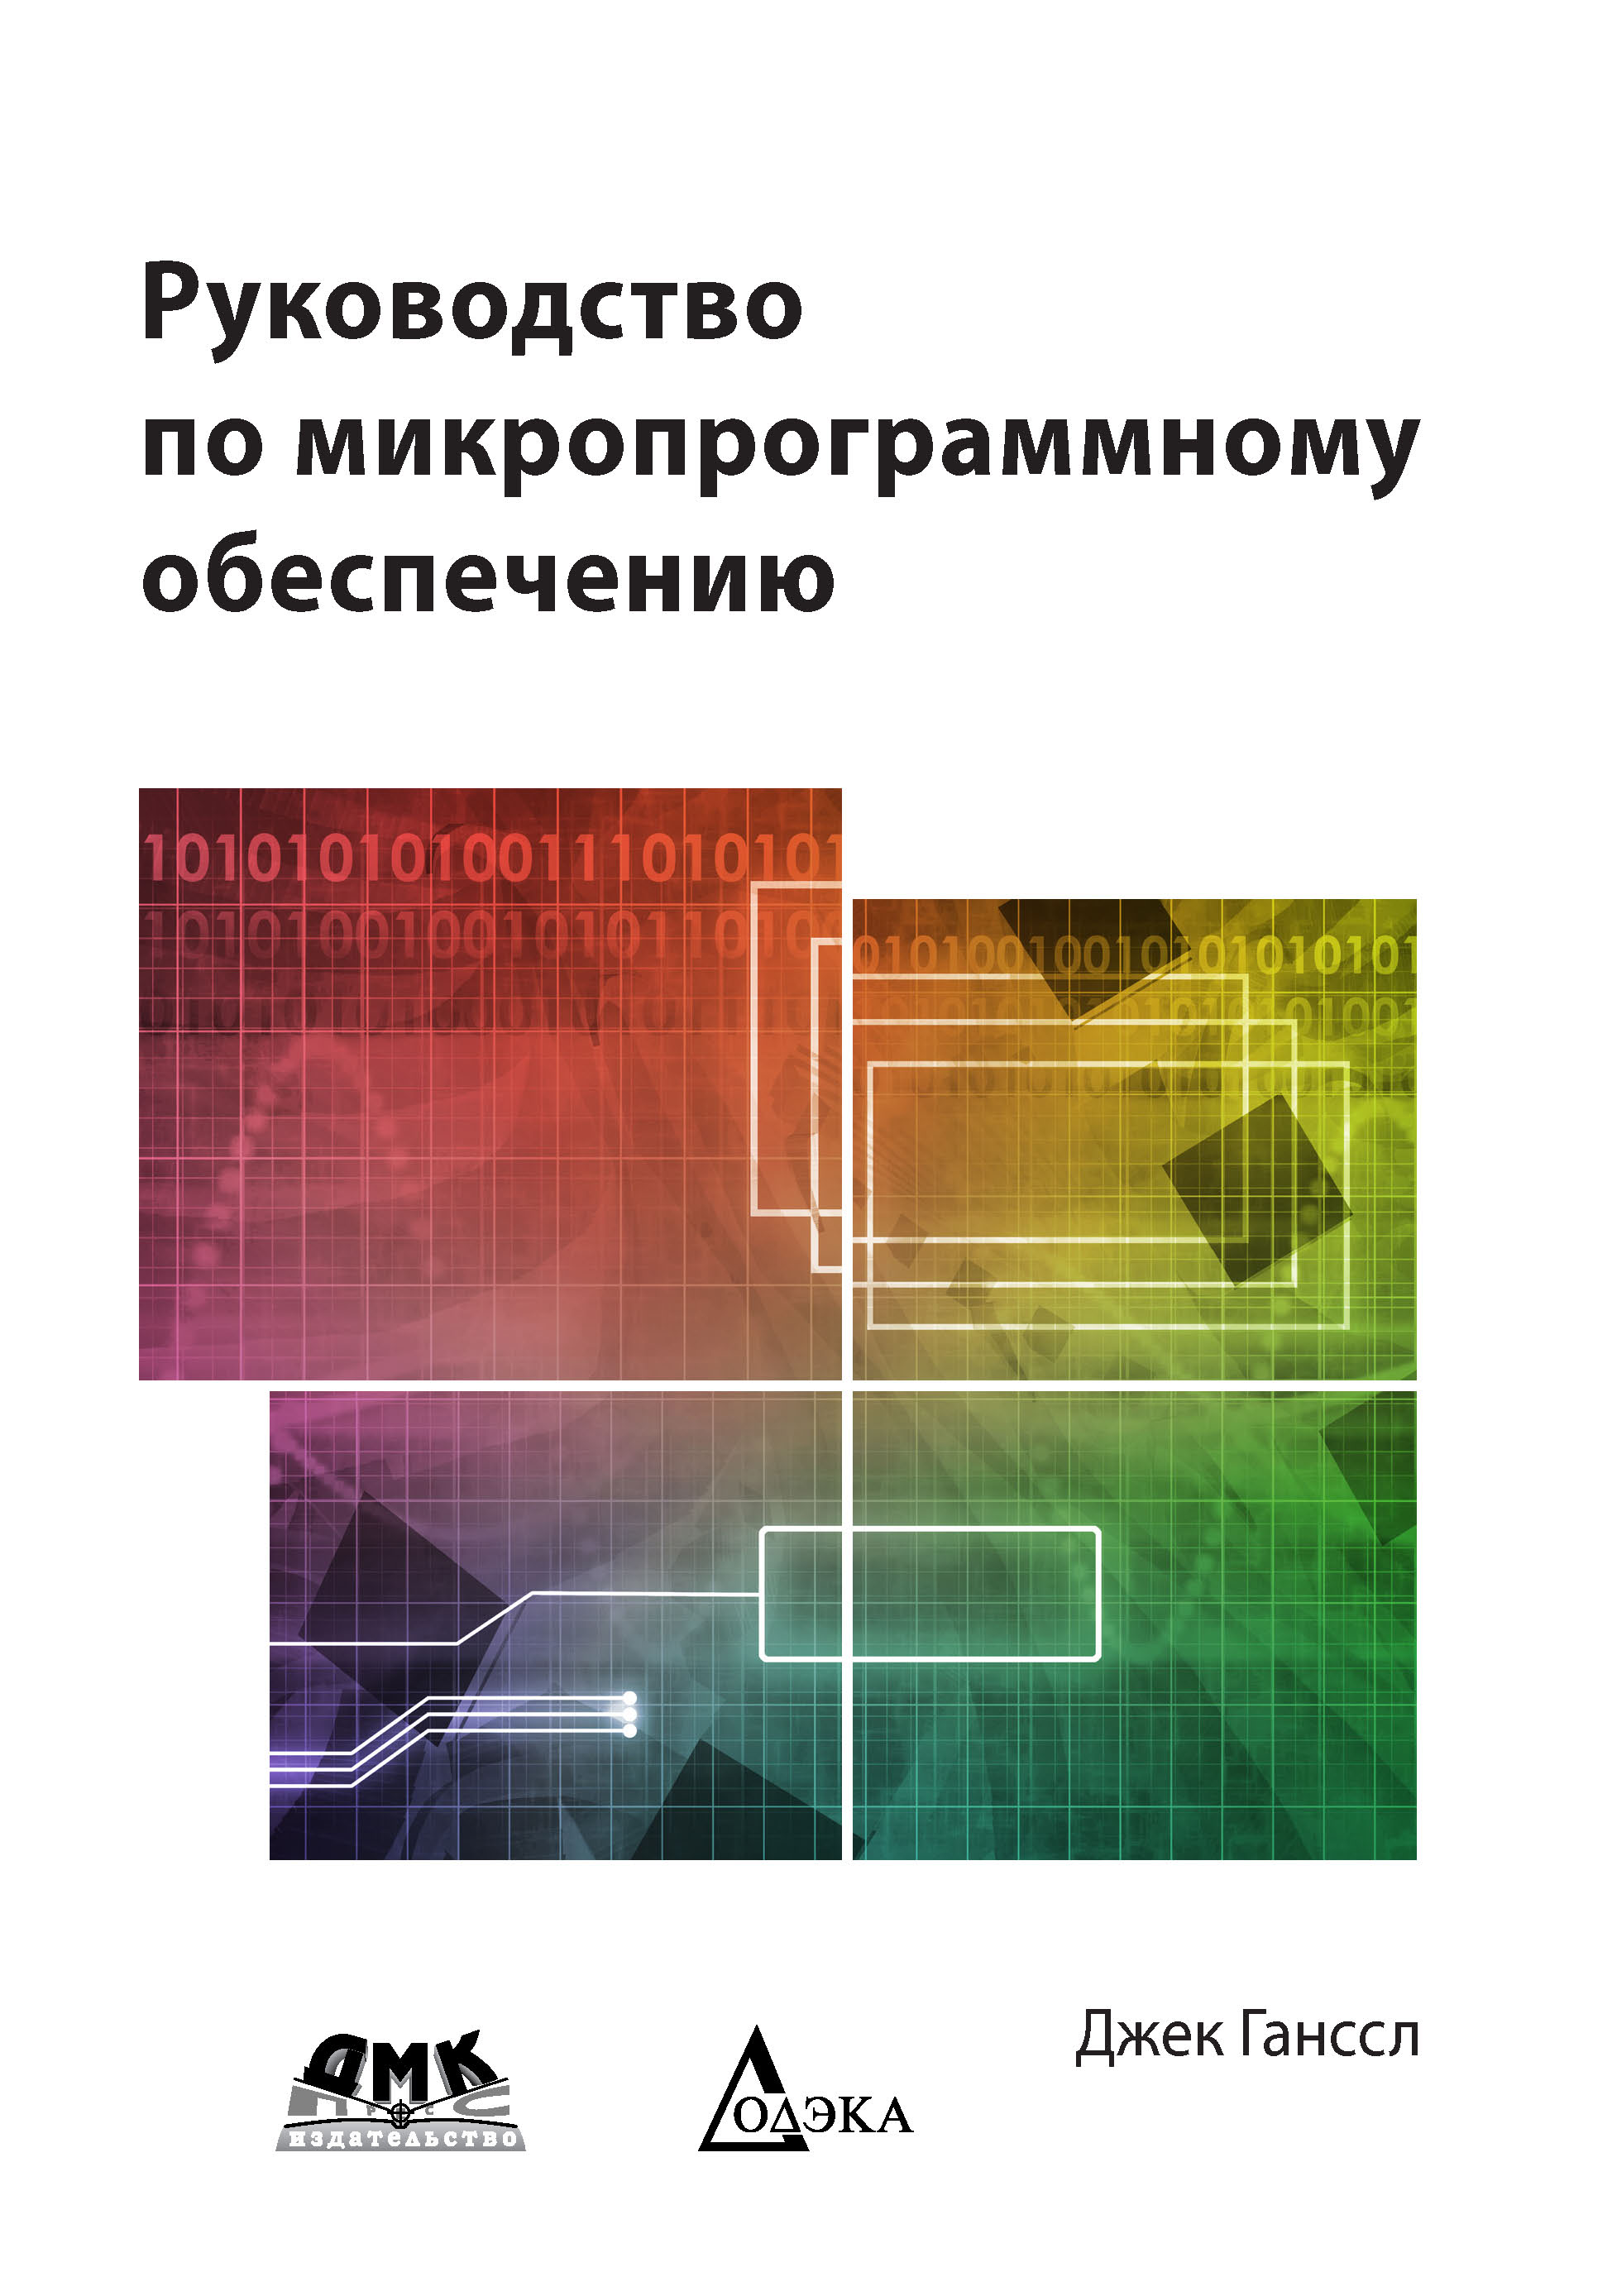 Купить книгу Руководство по микропрограммному обеспечению, автора Джека Ганссла